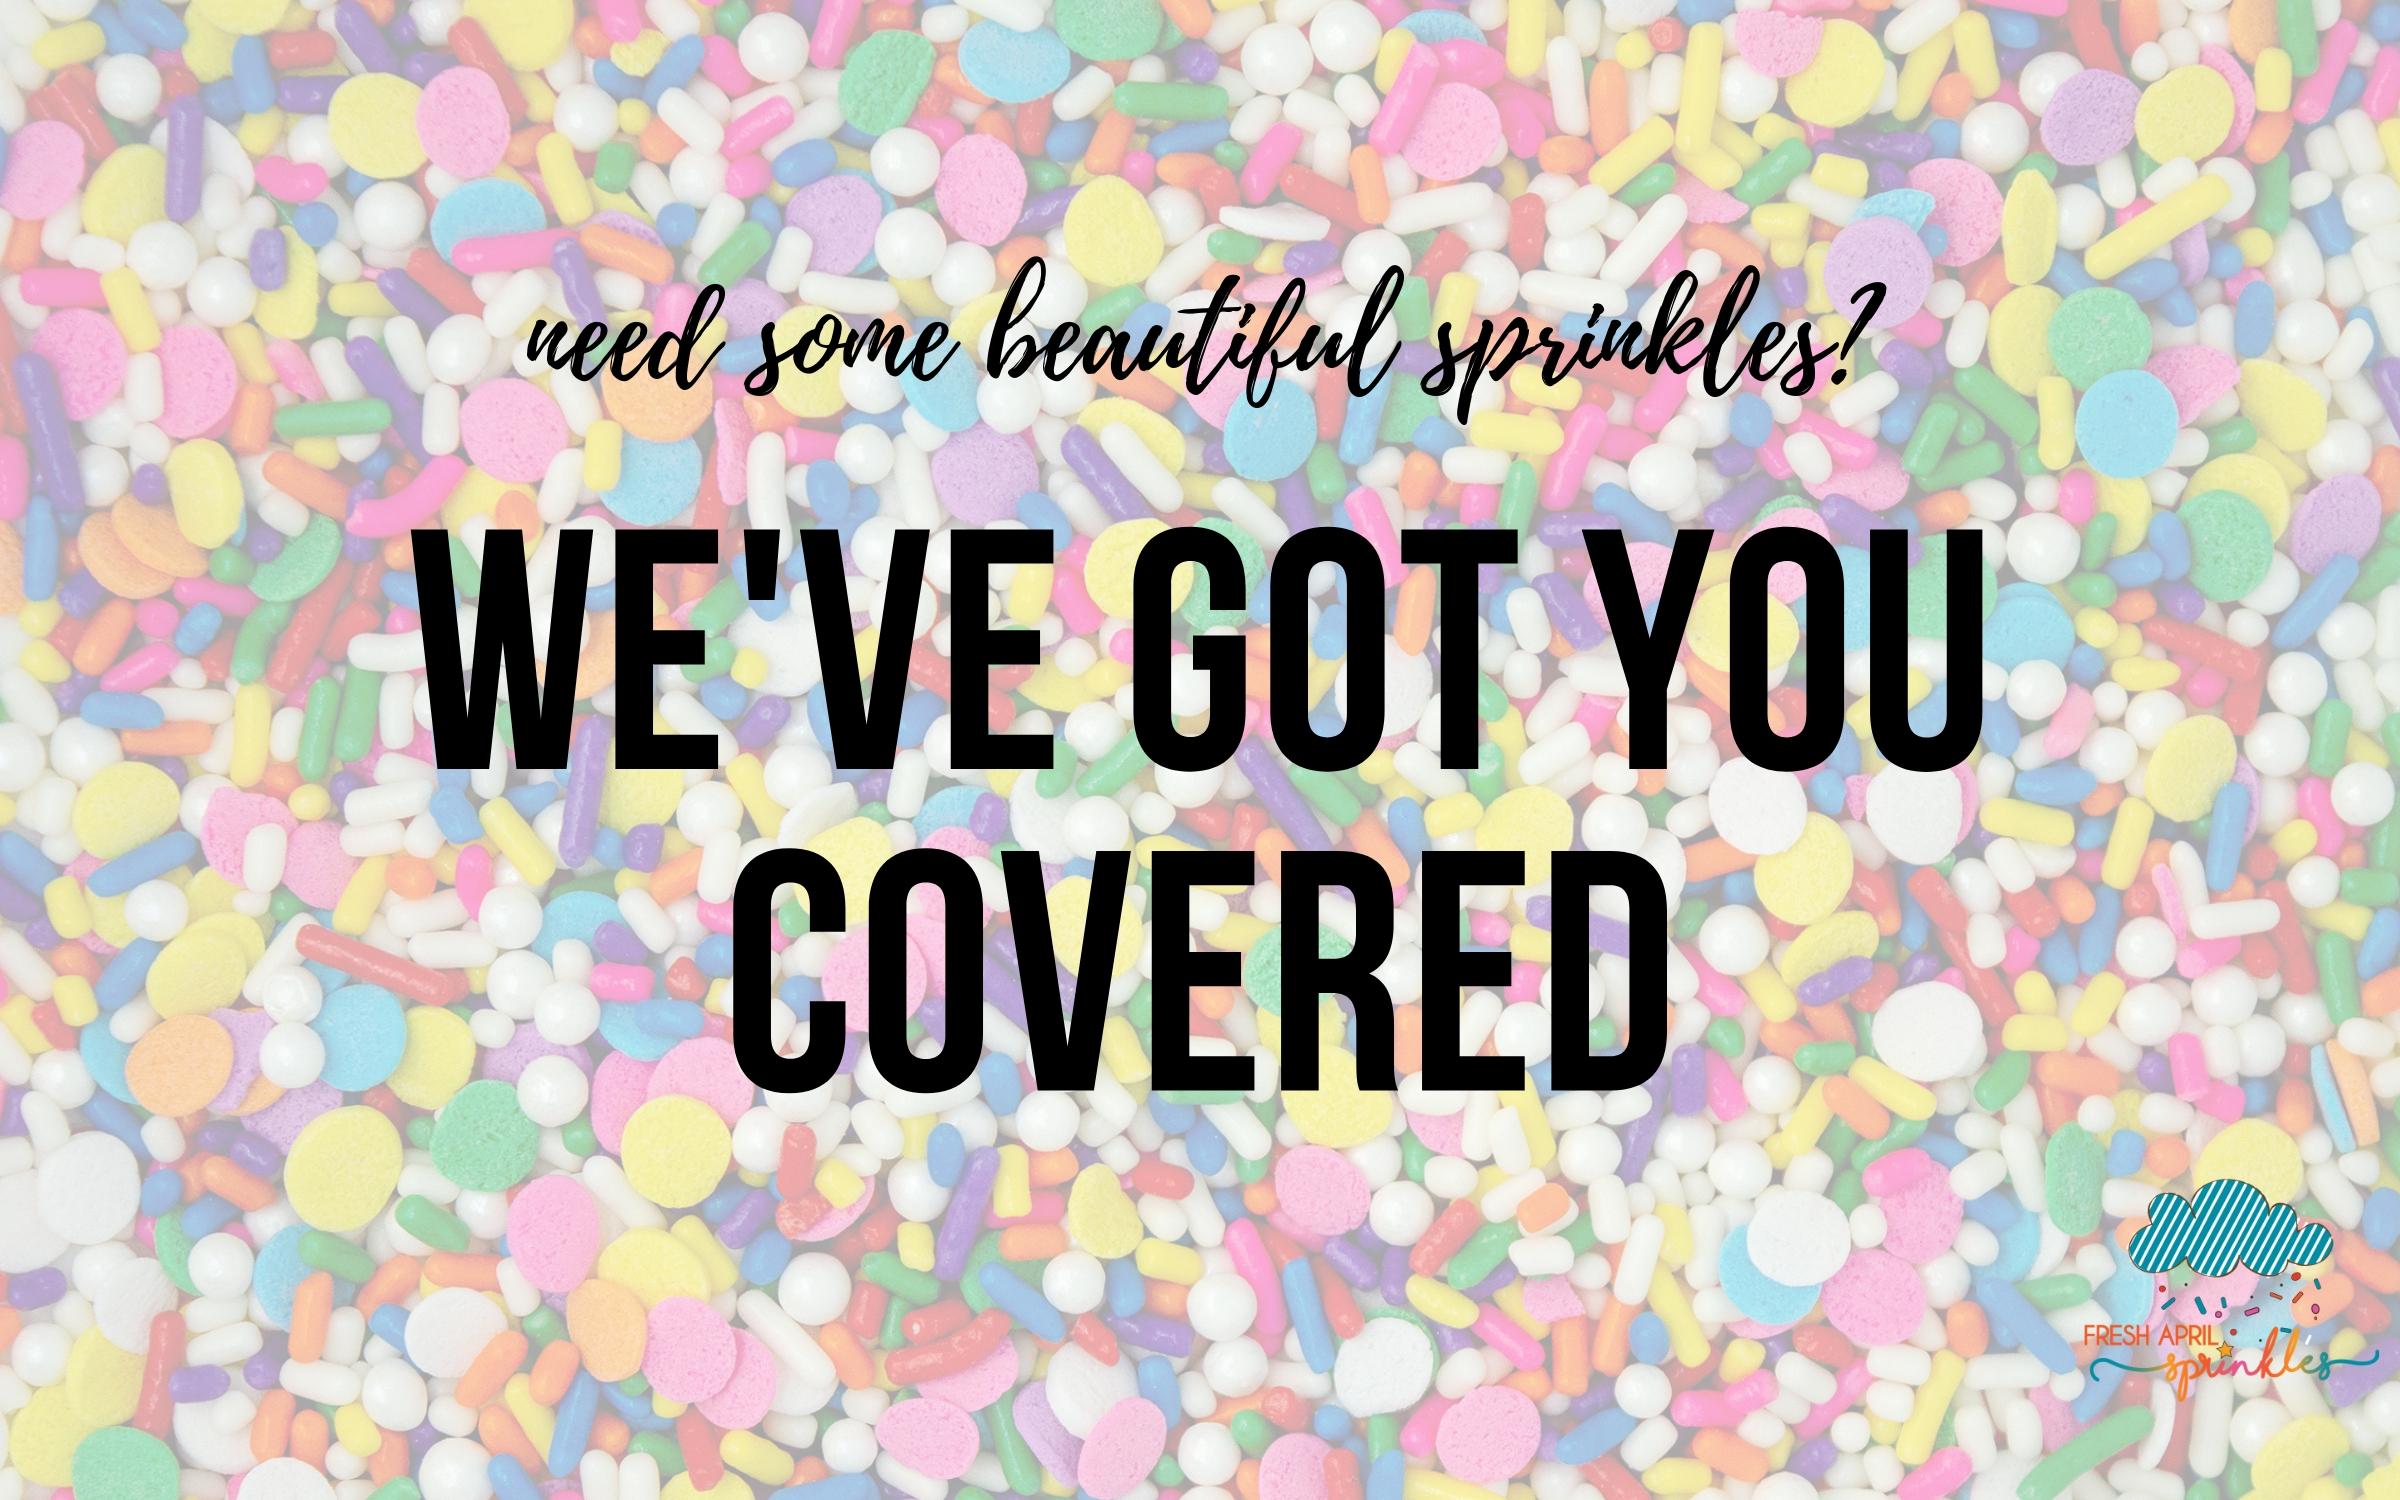 need beautiful sprinkles, premium sprinkle blends, sprinkles for all occasions, custom sprinkle blends